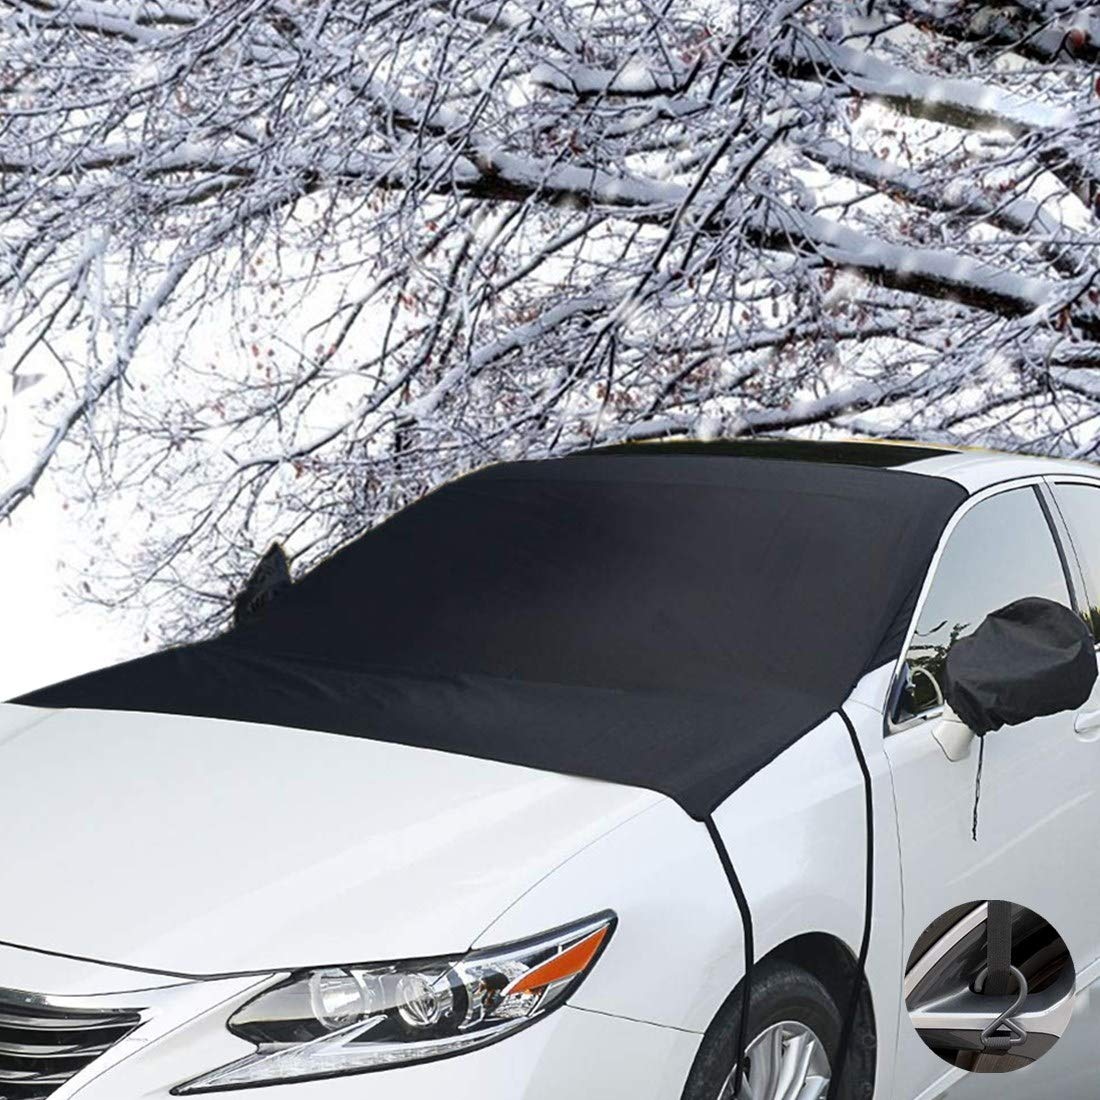 TOPWINRR Protector Parabrisas Coche Frontal Nieve Hielo Helada Magné tico Solar UV Parasol Proteccion con Cubierta de Espejo Lateral 205 * 150cm para Coches SUV Camió